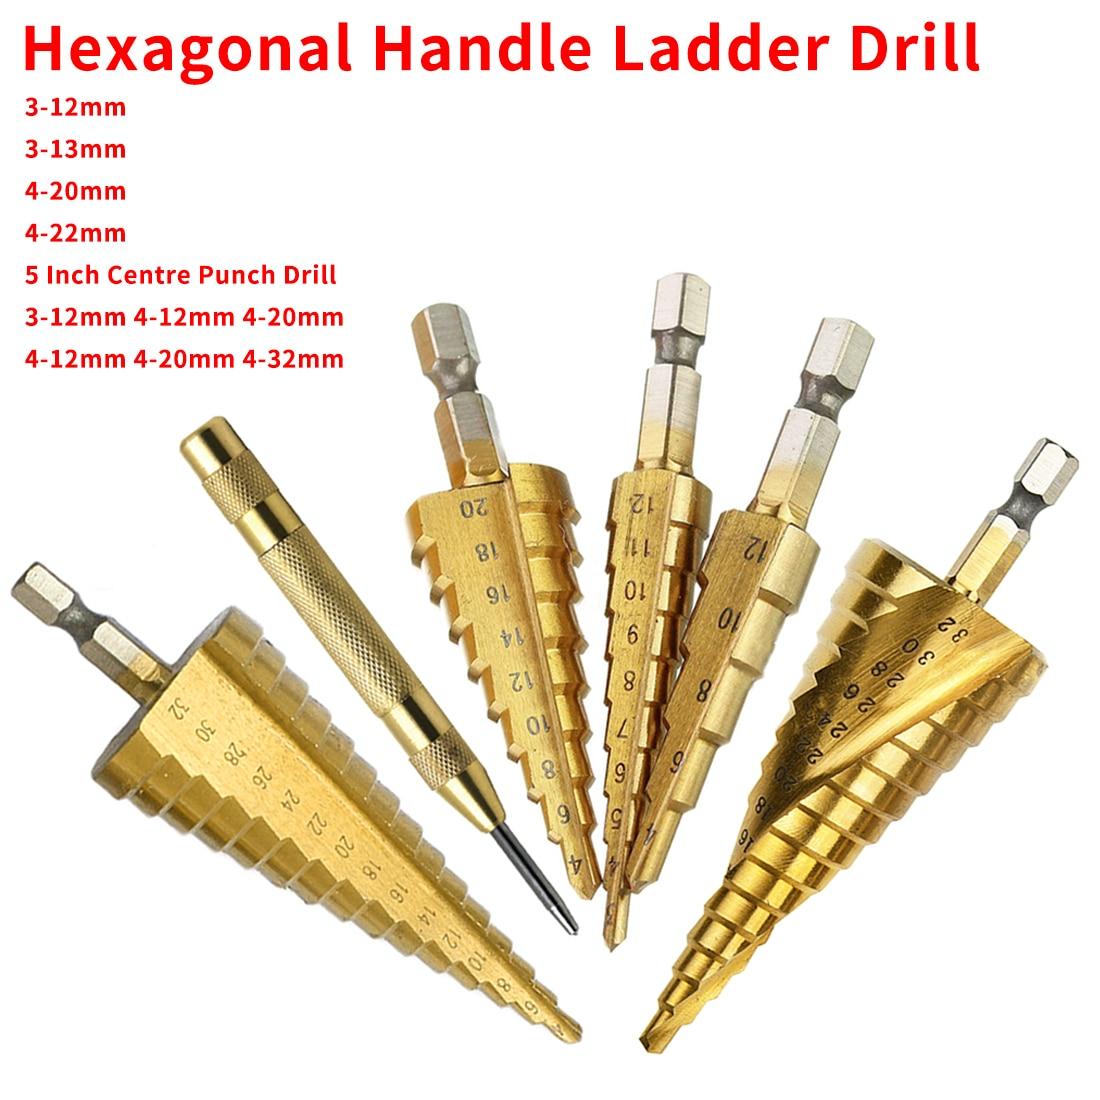 HSS Drill Bits Metal Center Drilling Steel Step Drill Bit Hand Tools Metal Hole Opener 3-12mm/13mm 4-12/20/32mm